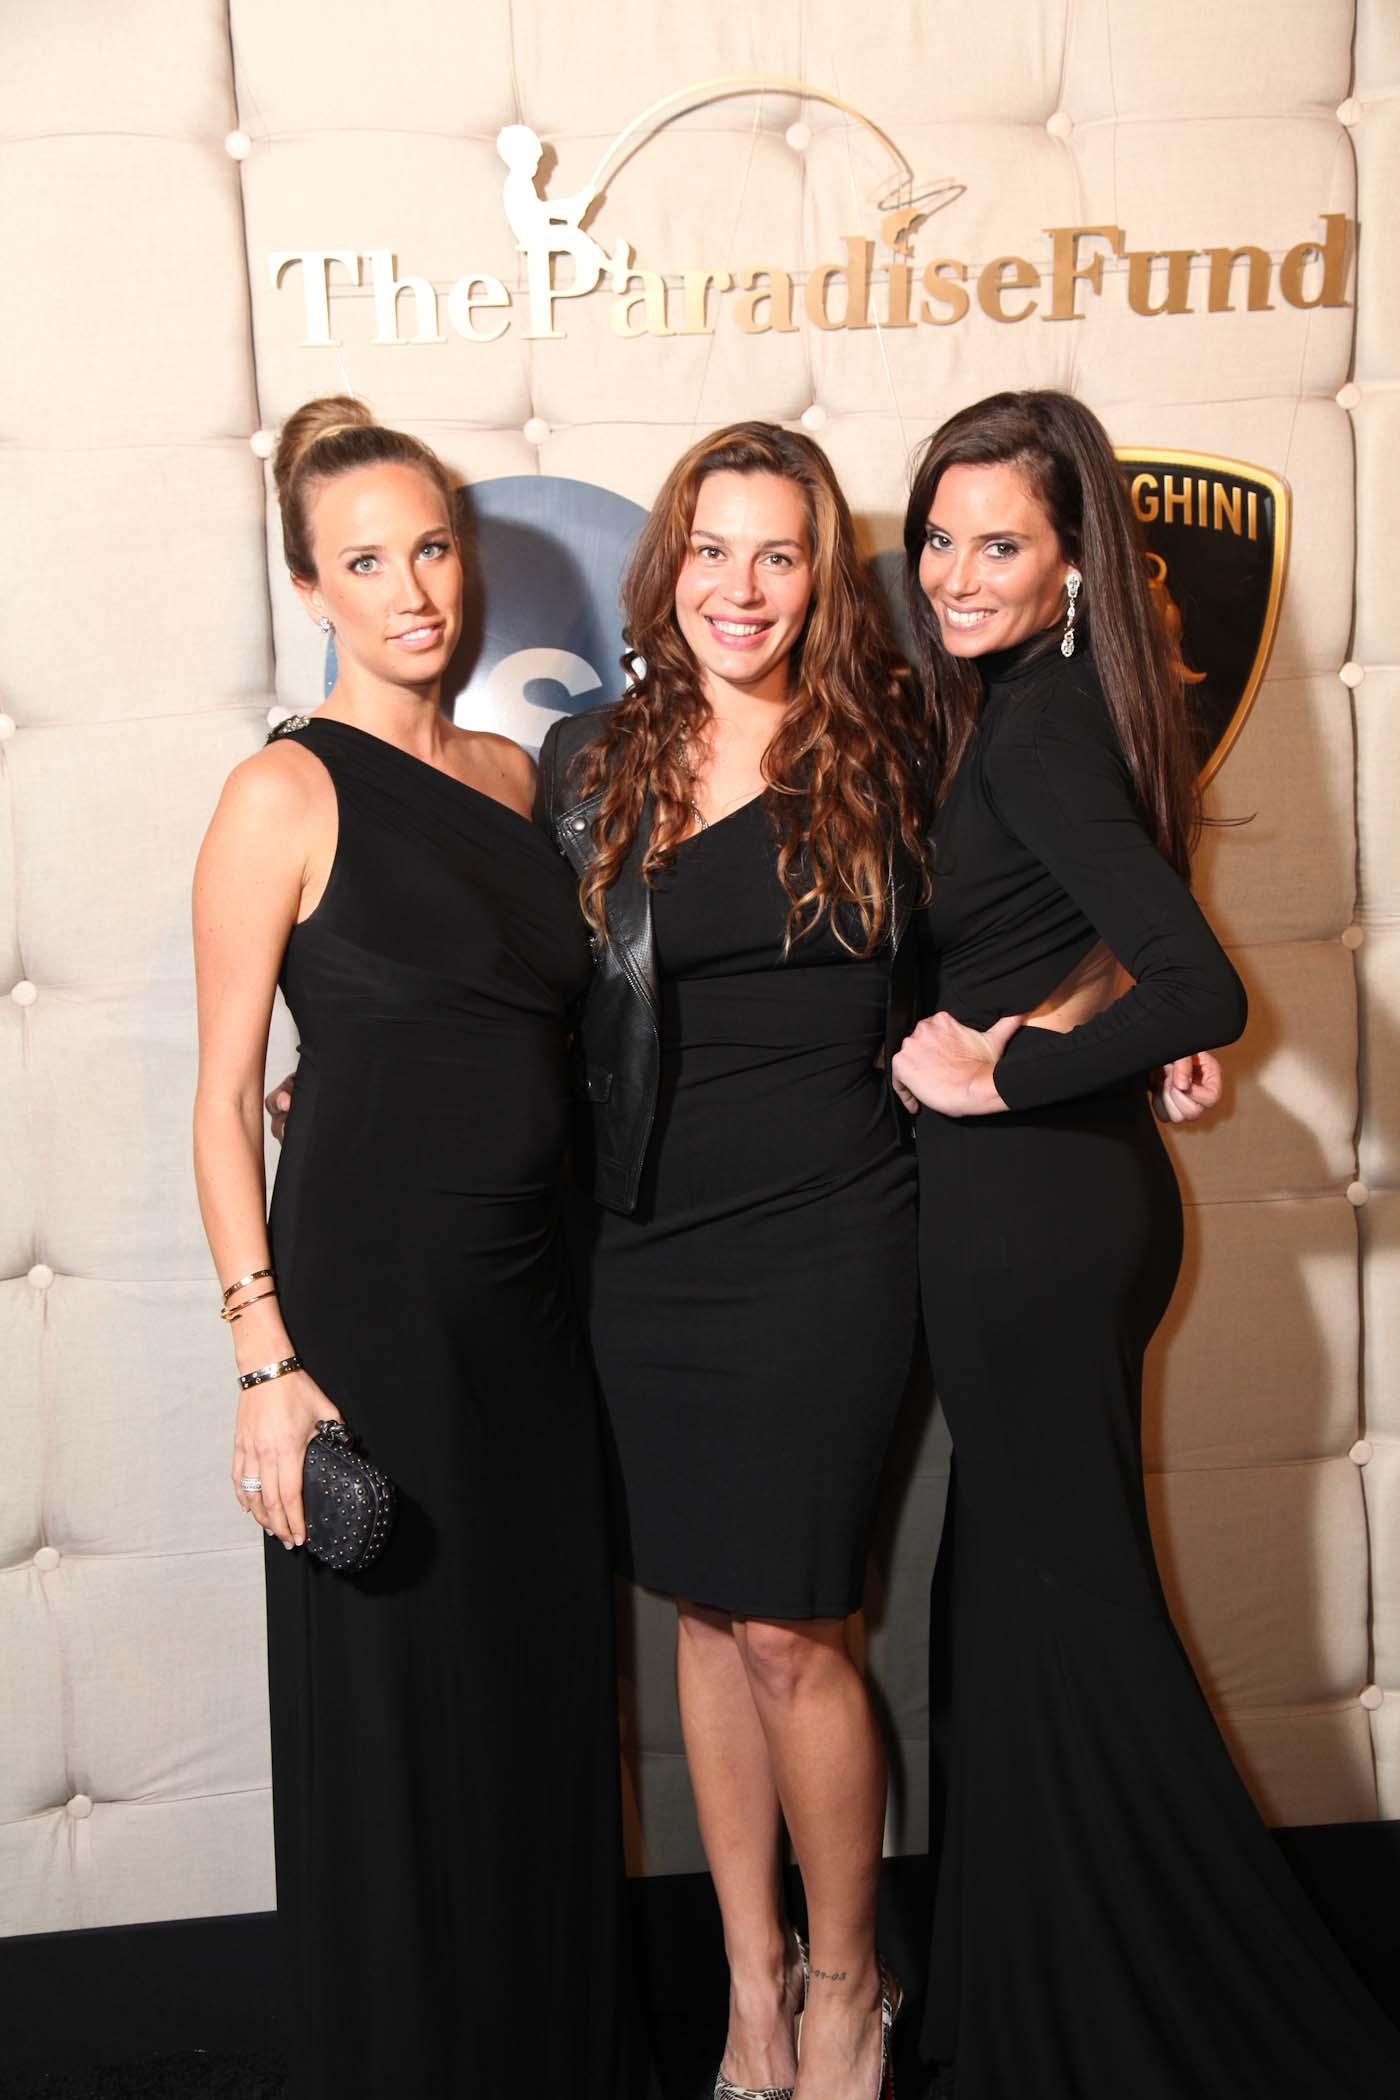 Ashley Harcourt, Gigi Fouquet and Marley Goodman